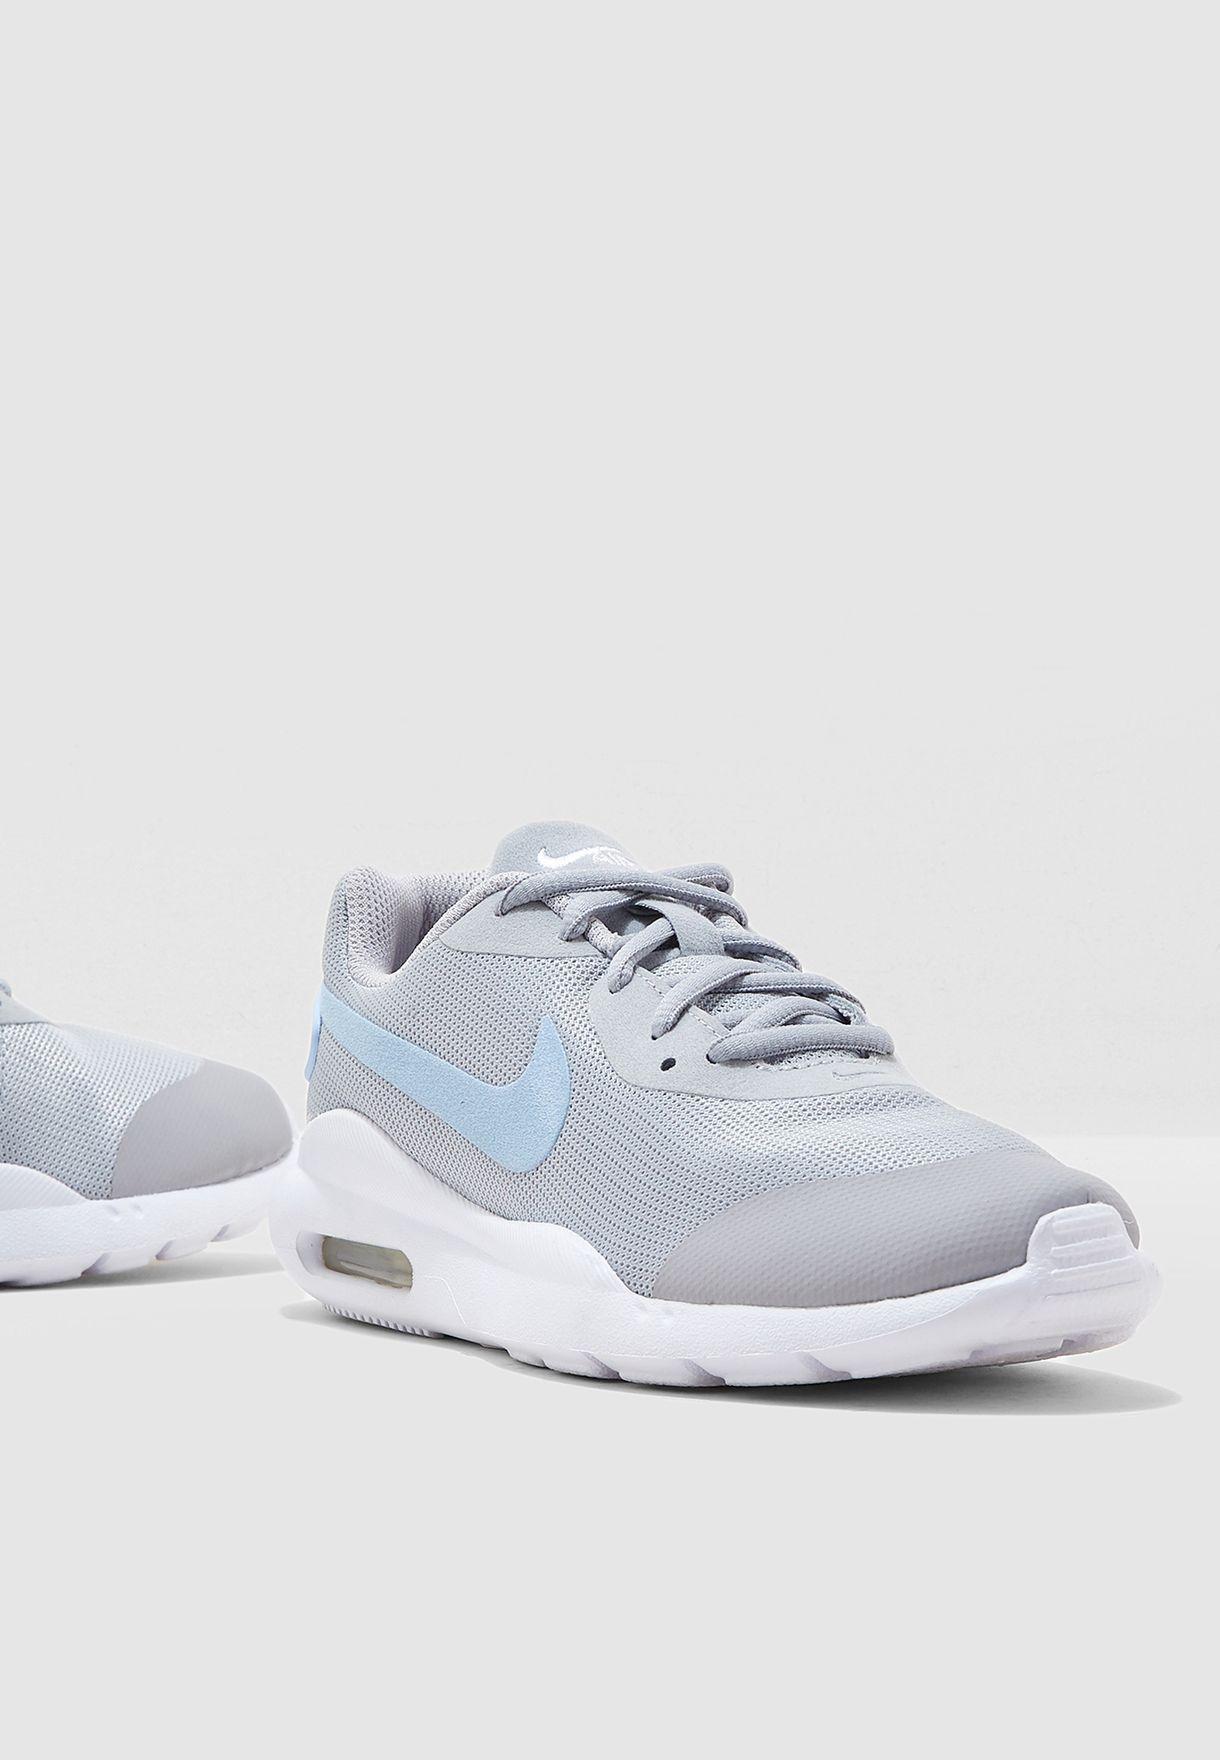 brand new 6f10f 7b3e4 Shop Nike grey Air Max Oketo AR7423-002 for Kids in UAE - 72704SH25UJP